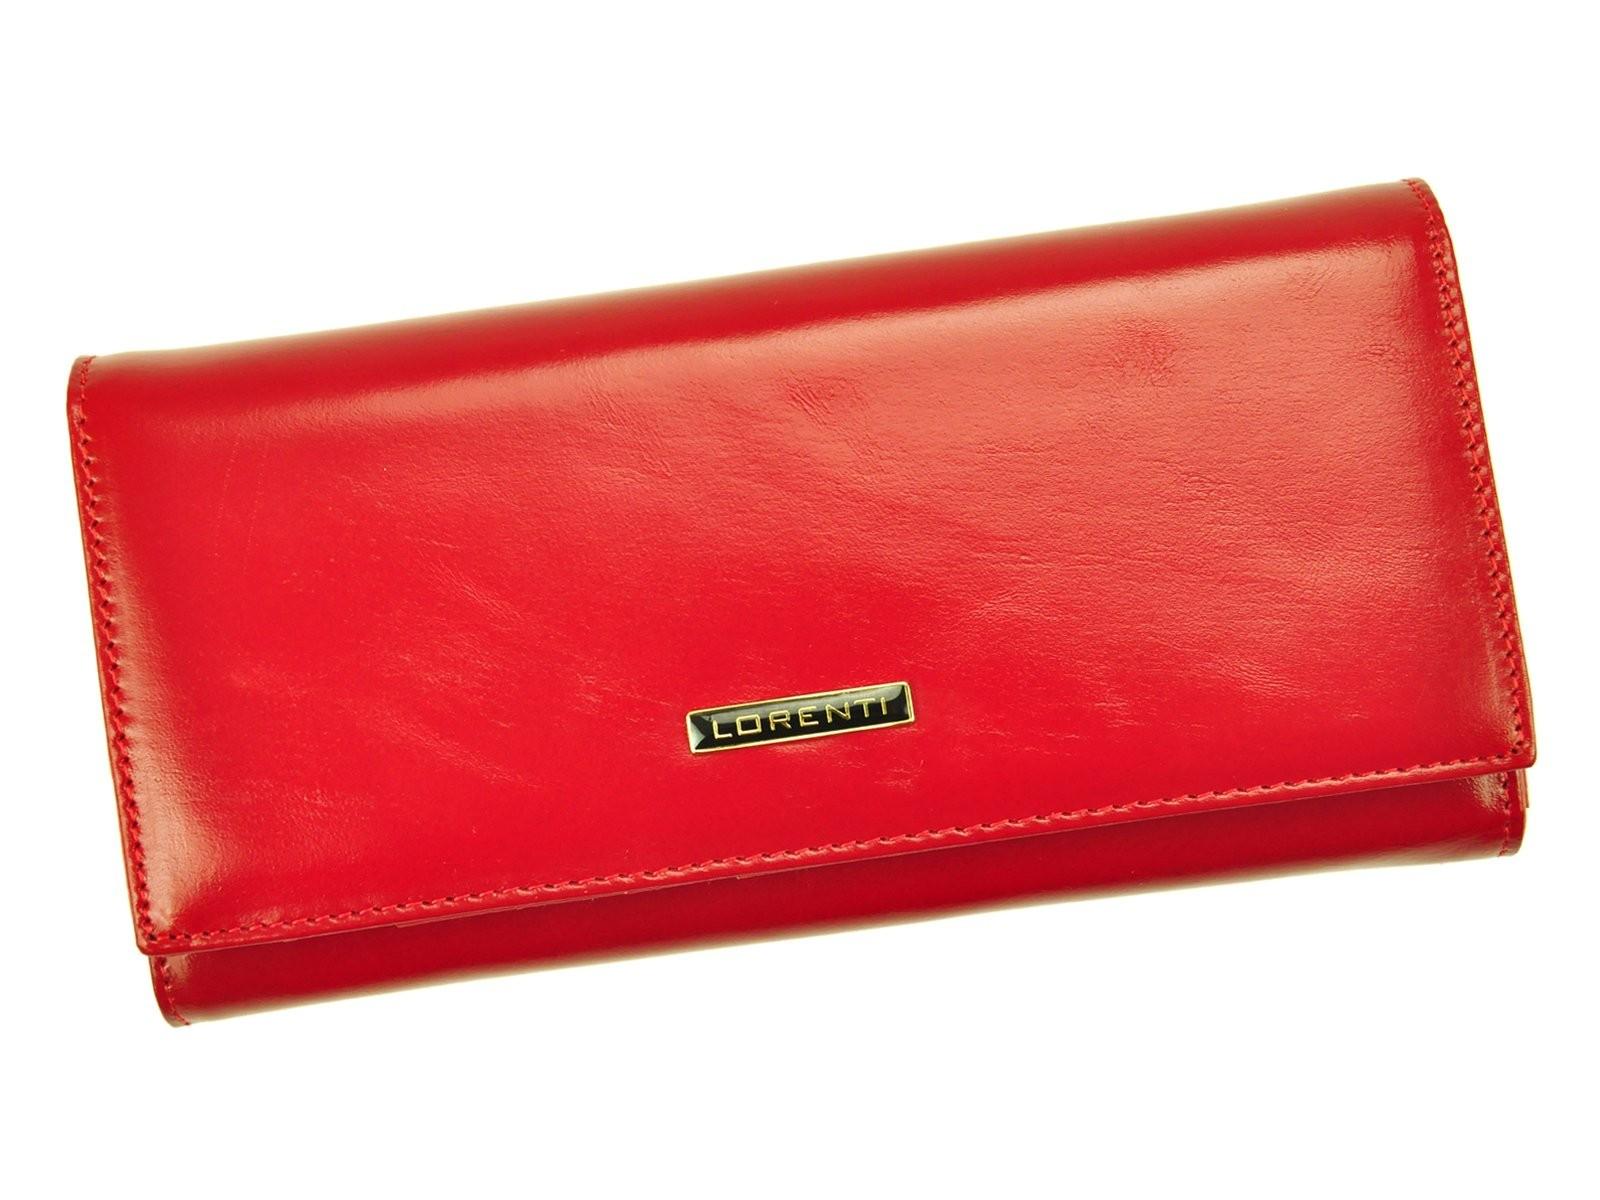 b52cc1d5d67 Dámská kožená peněženka Lorenti Julie - červená